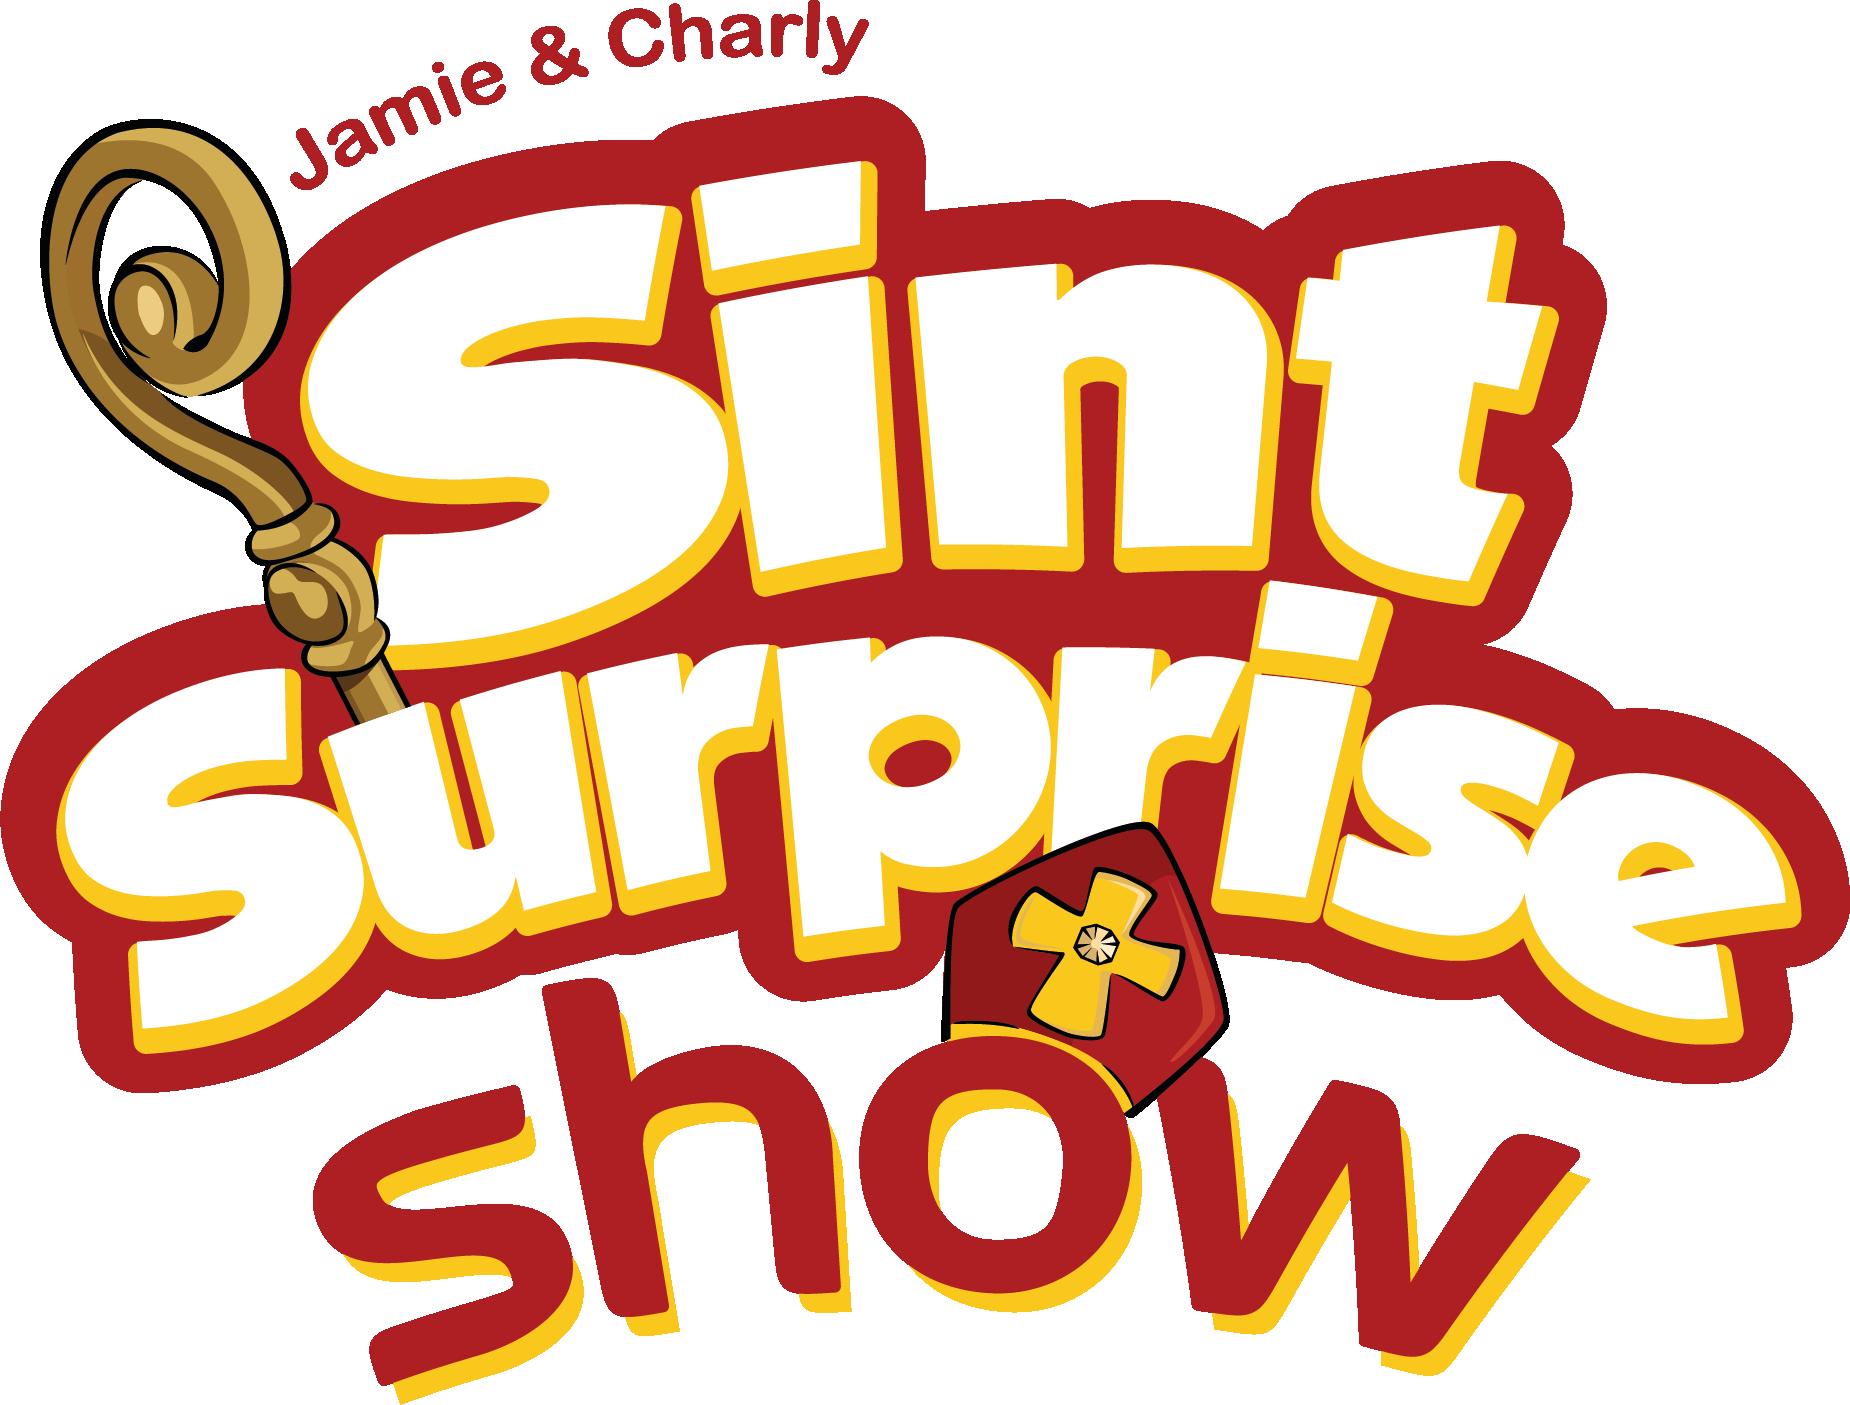 Sint Surprise Show - Jamie & Charly Kindershow / Sinterklaasshow